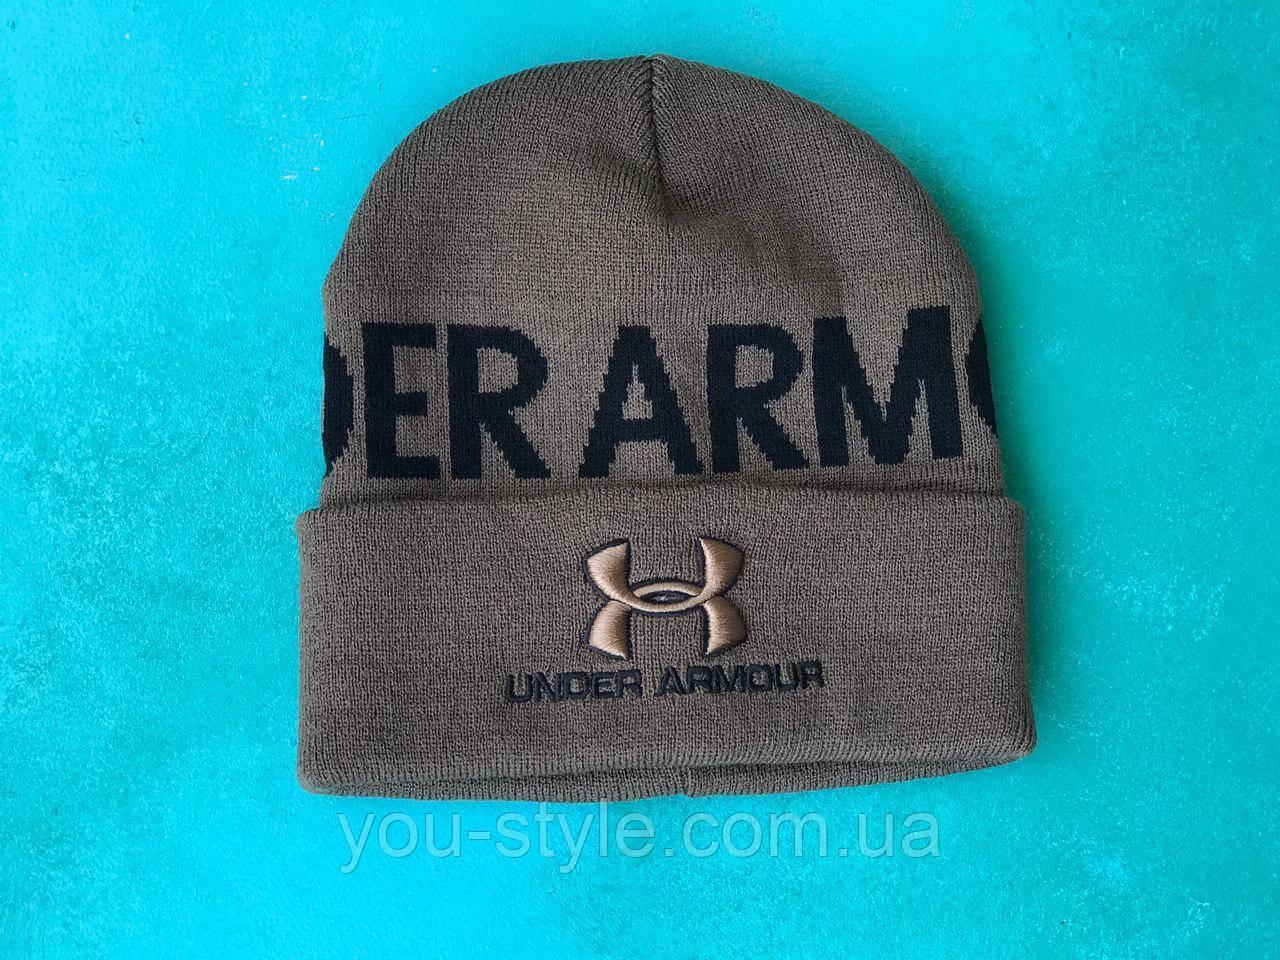 Шапка Under Armour  / шапка андер амур/ шапка женская/шапка мужская/хаки